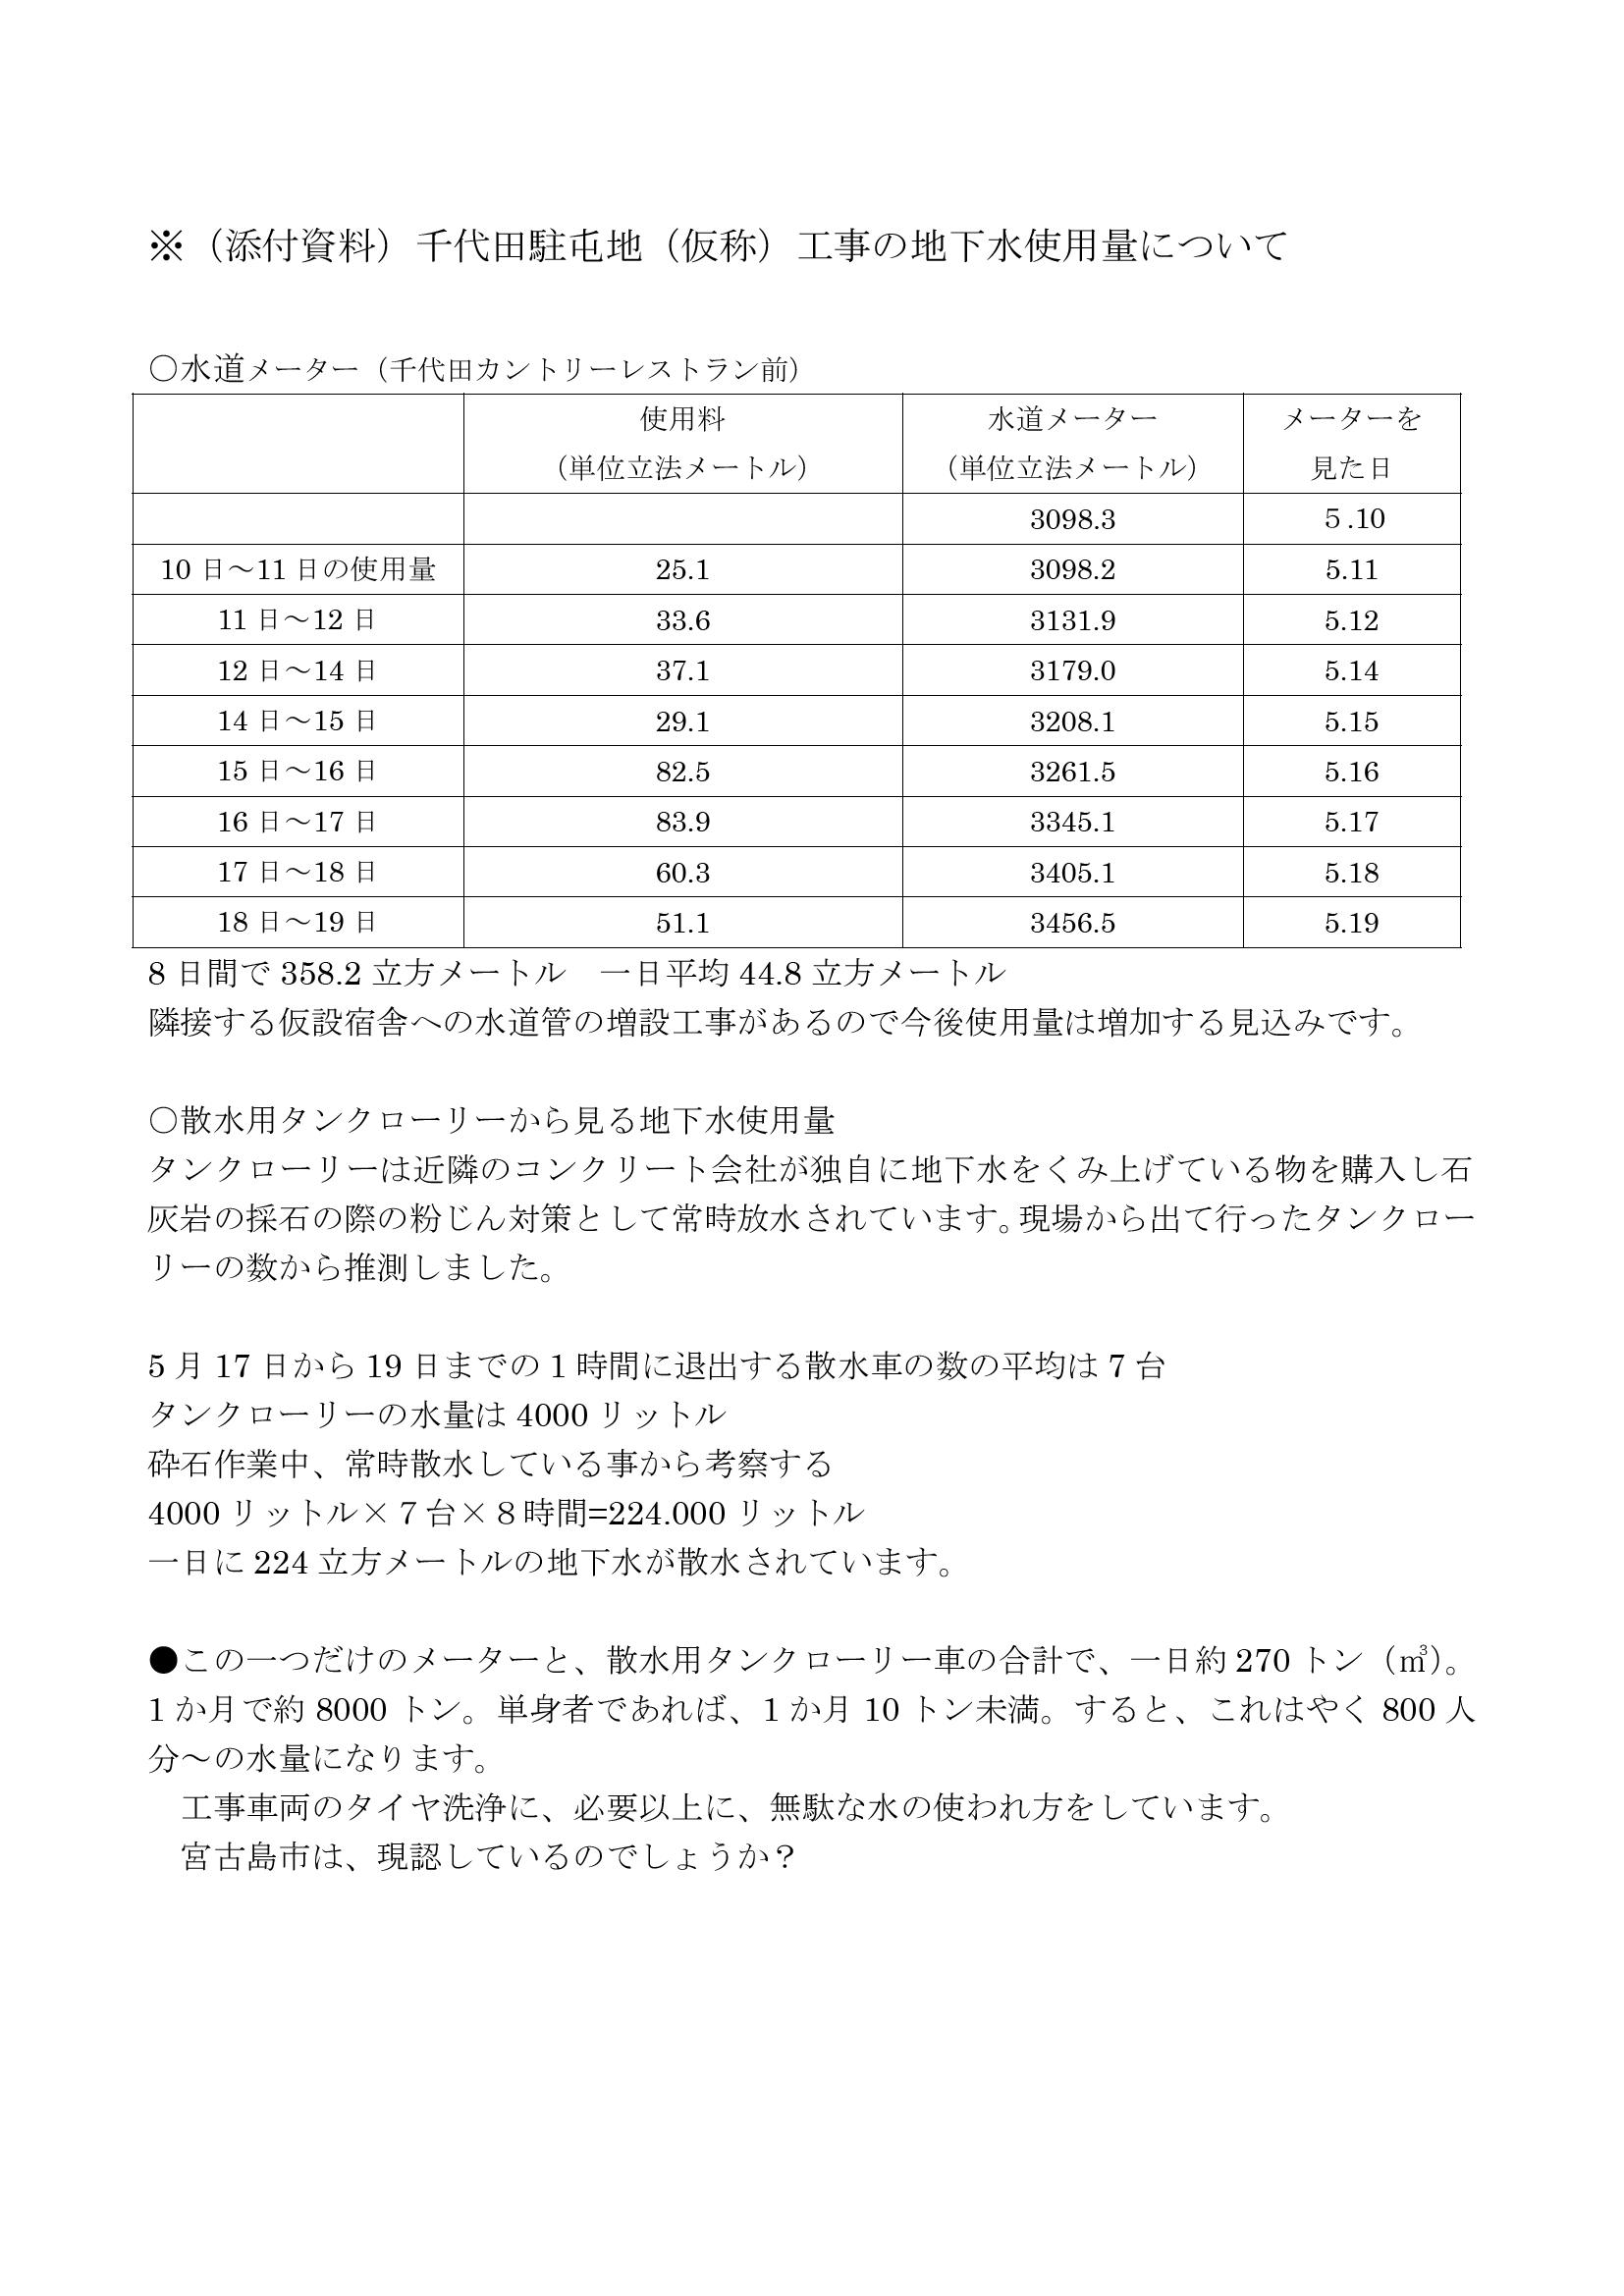 千代田駐屯地(仮称)工事の地下水使用量について